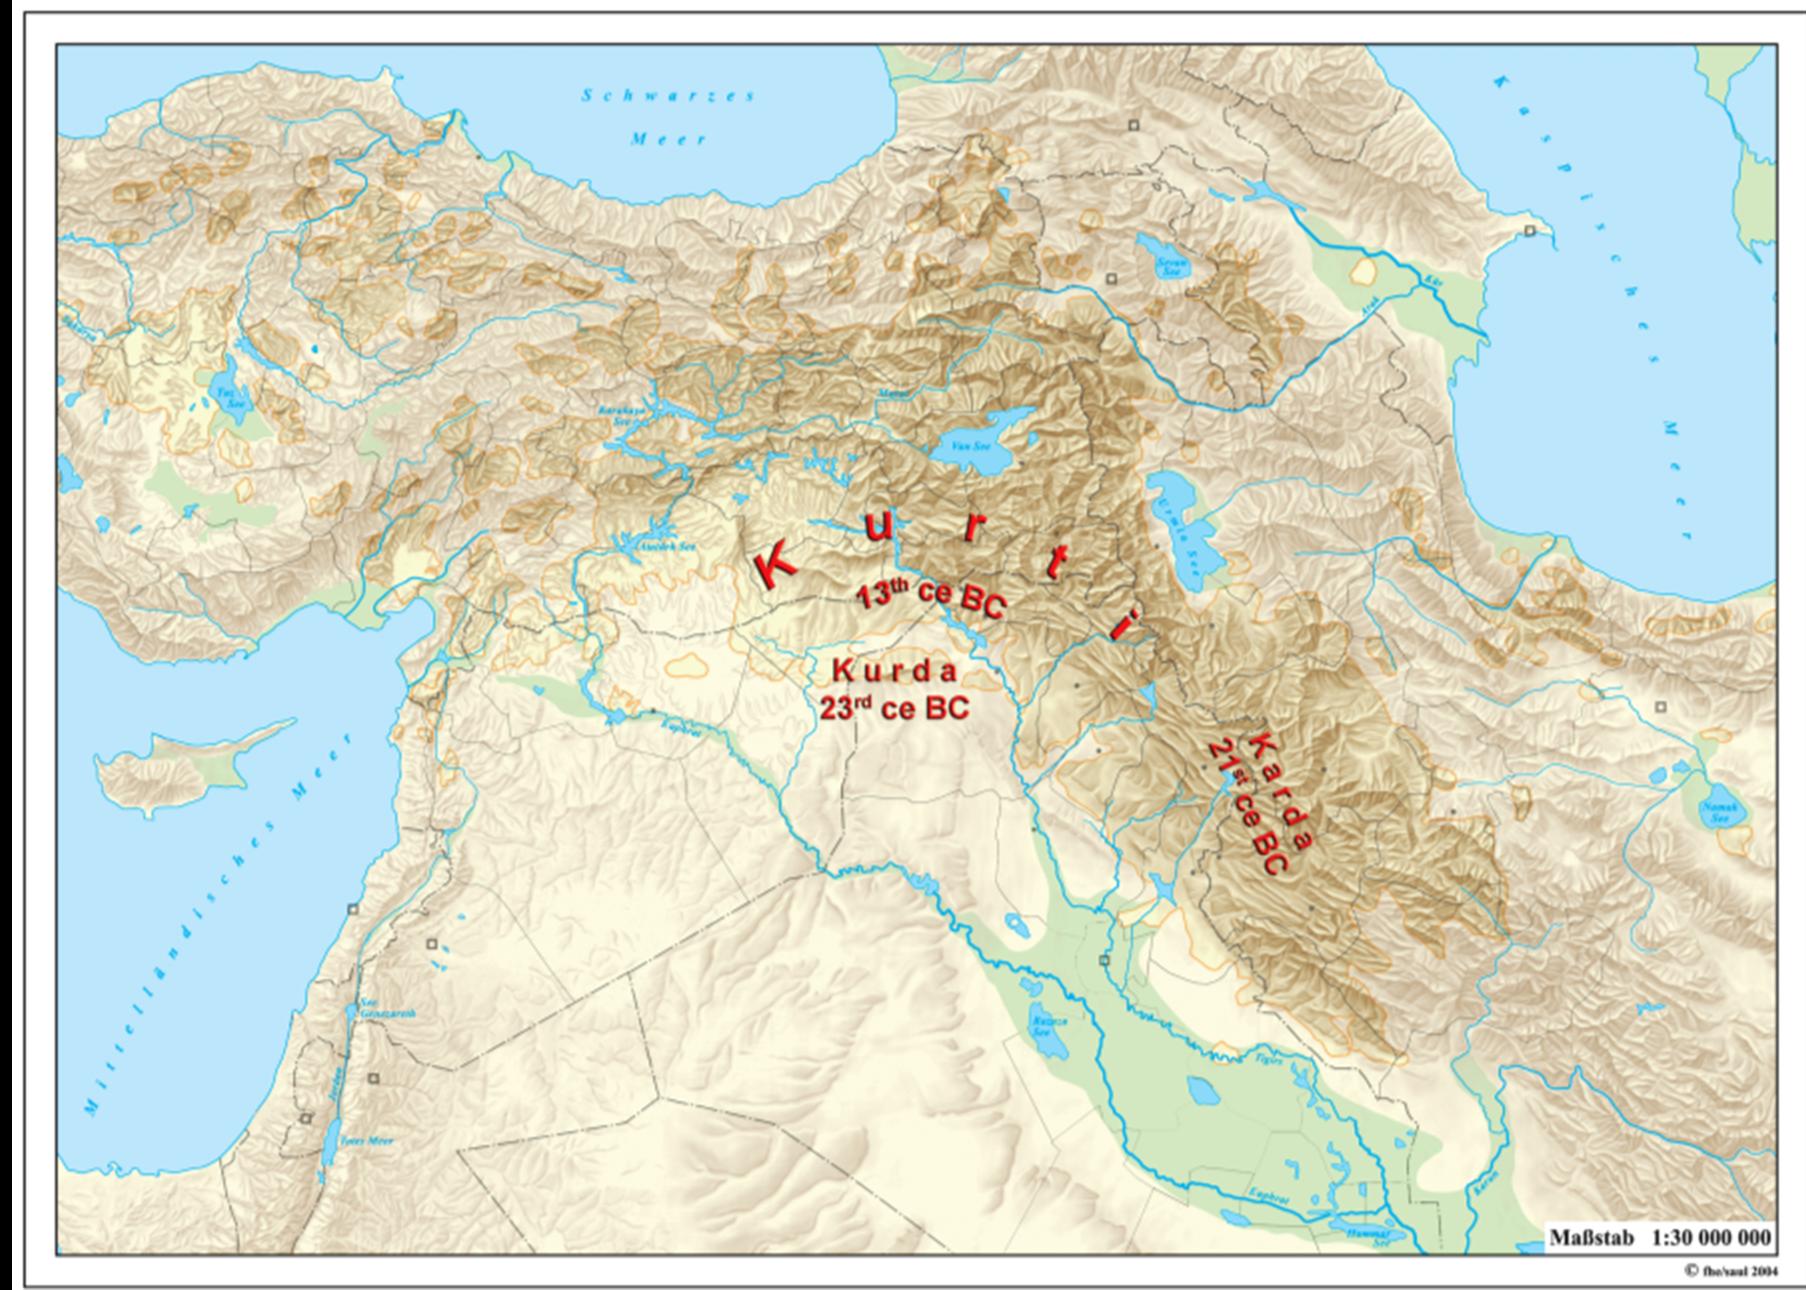 Land of Karda